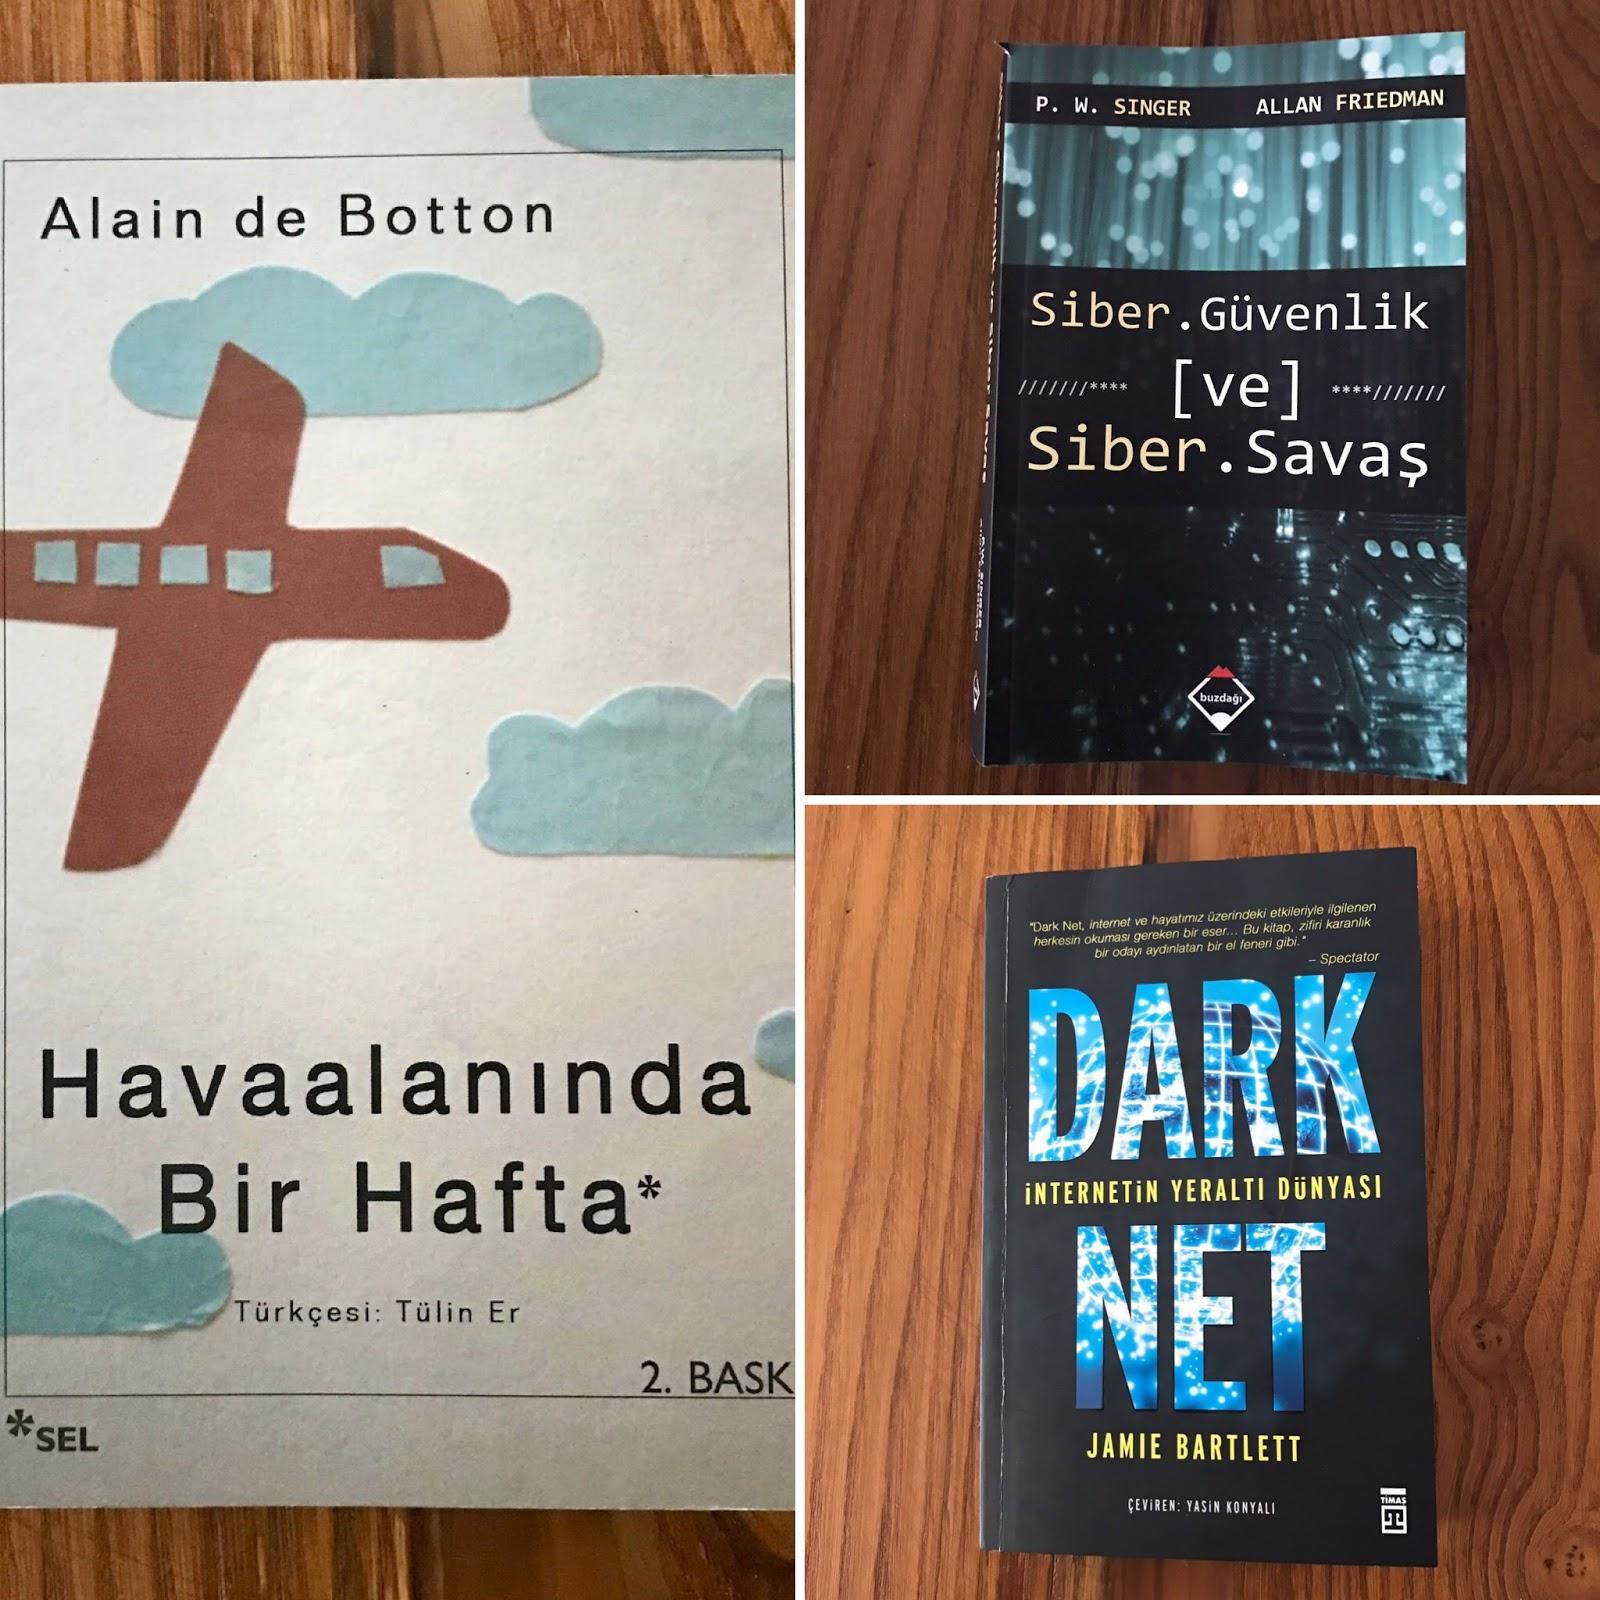 Uc Kitap (5): Havaalaninda Bir Hafta / Siber Guvenlik & Siber Savas  / Dark Net - Internetin Yeralti Dunyasi (Kitap)